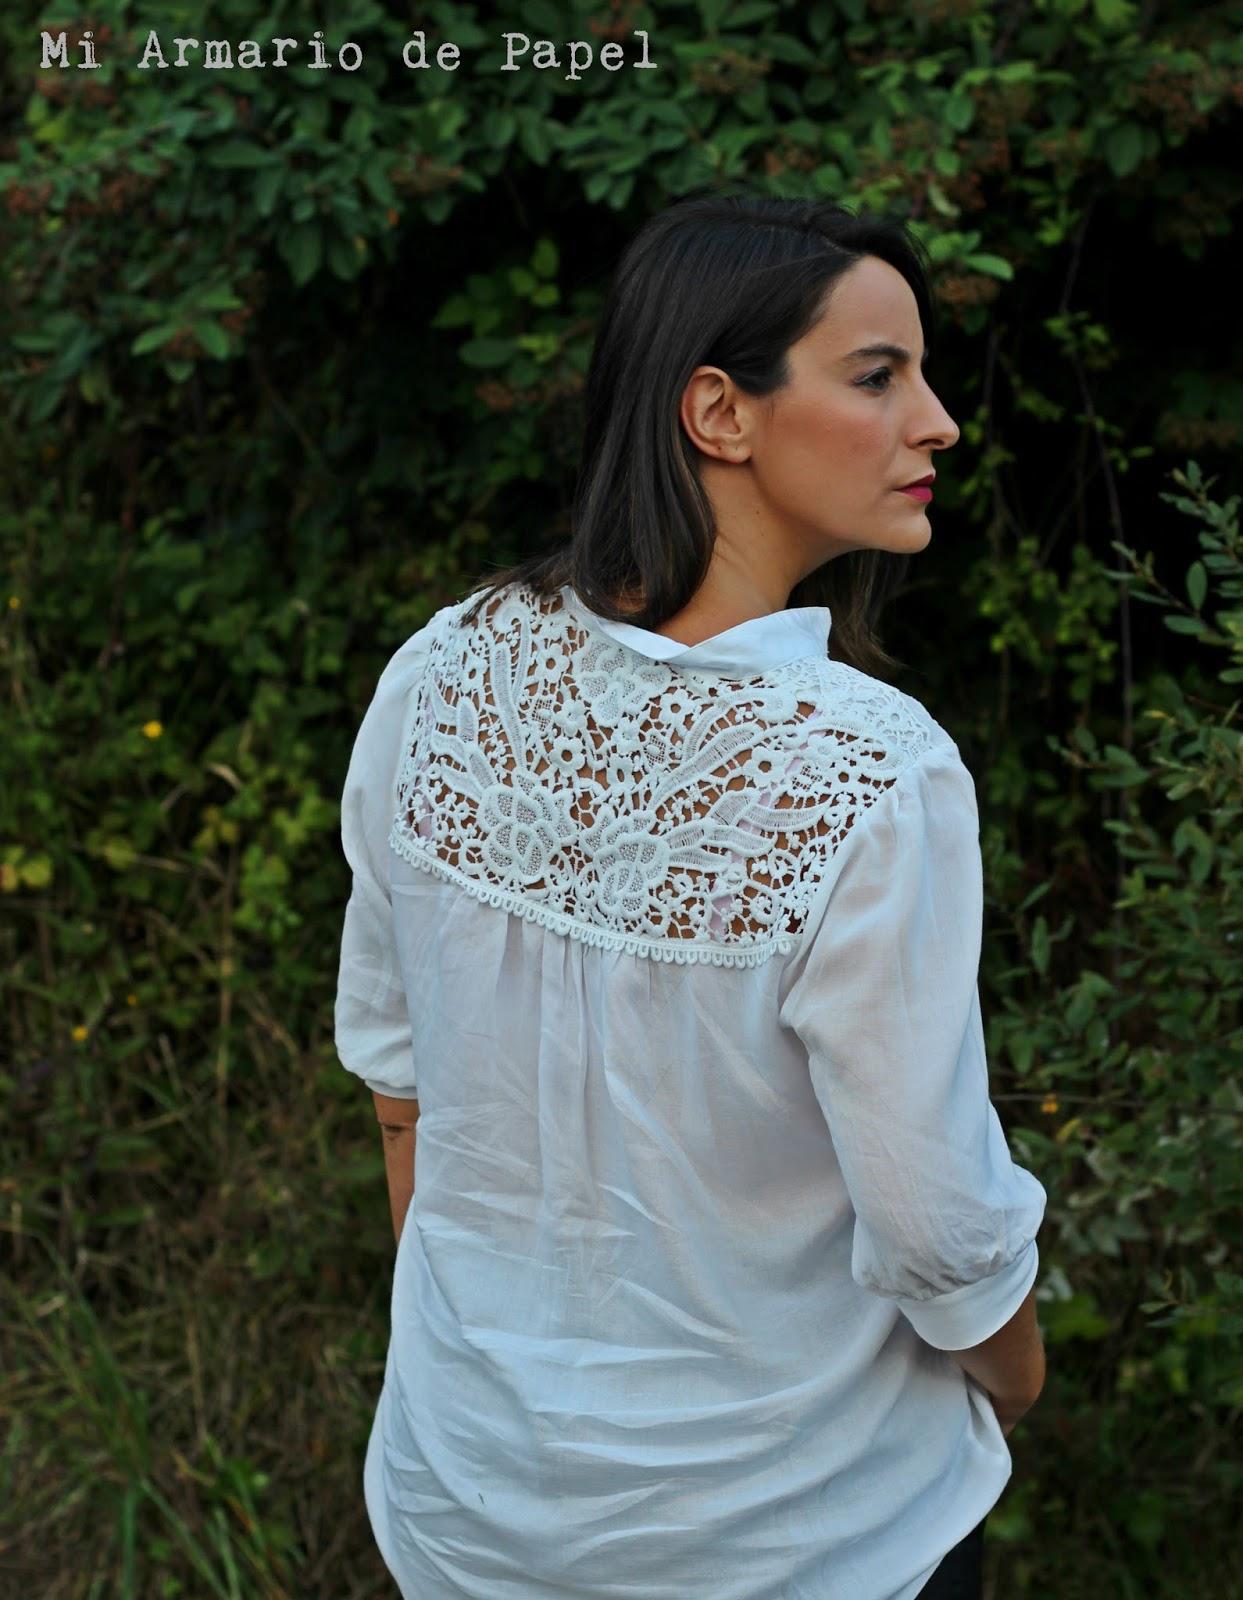 d4368b31f Outfit: Combinando una Blusa con Encaje - Mi Armario de Papel